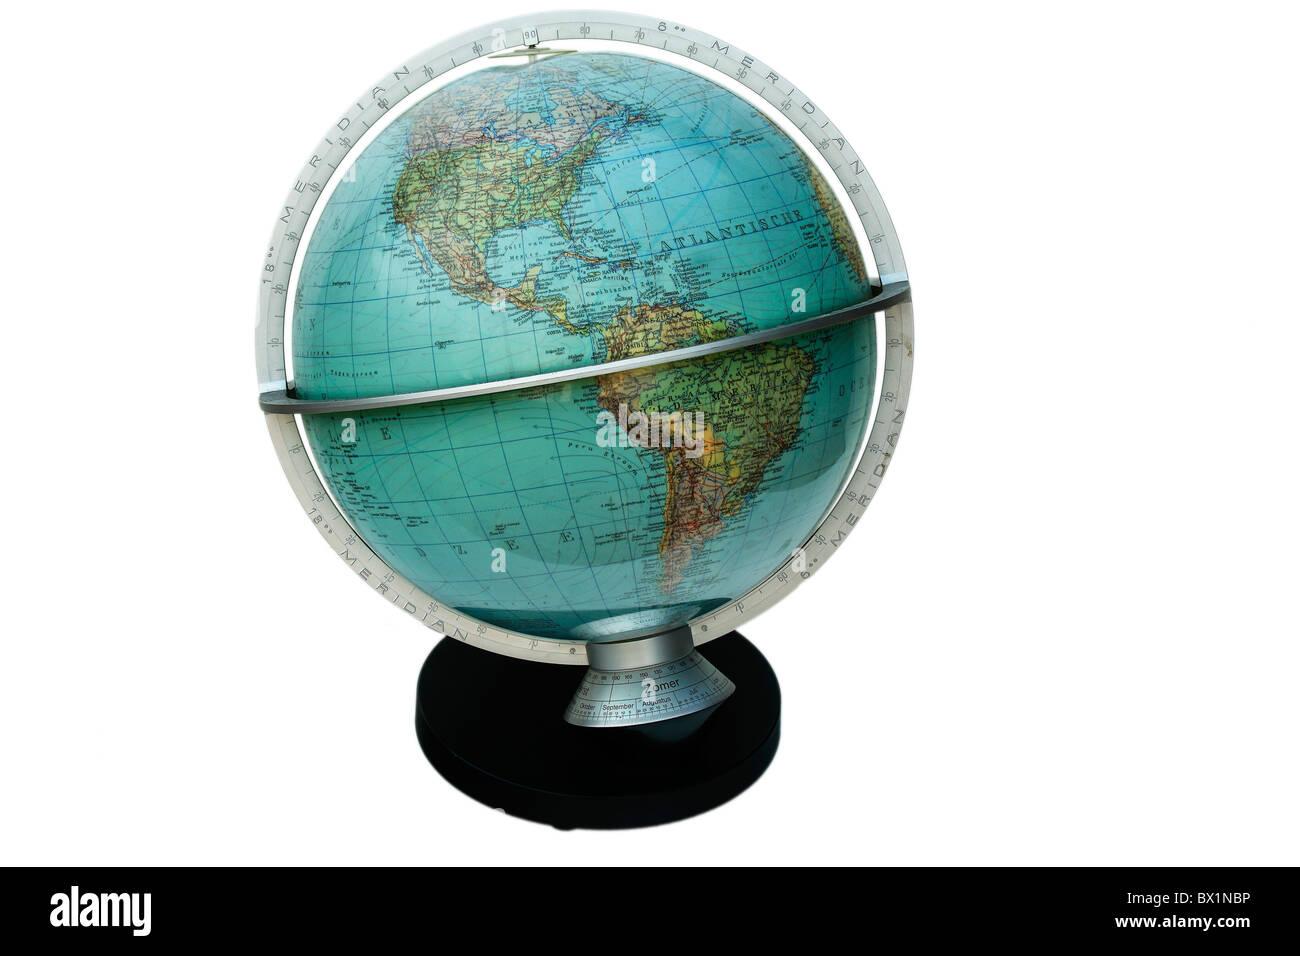 Globus Globuskarte der Welt Geographie Runde Ländern Koordinaten Stockbild